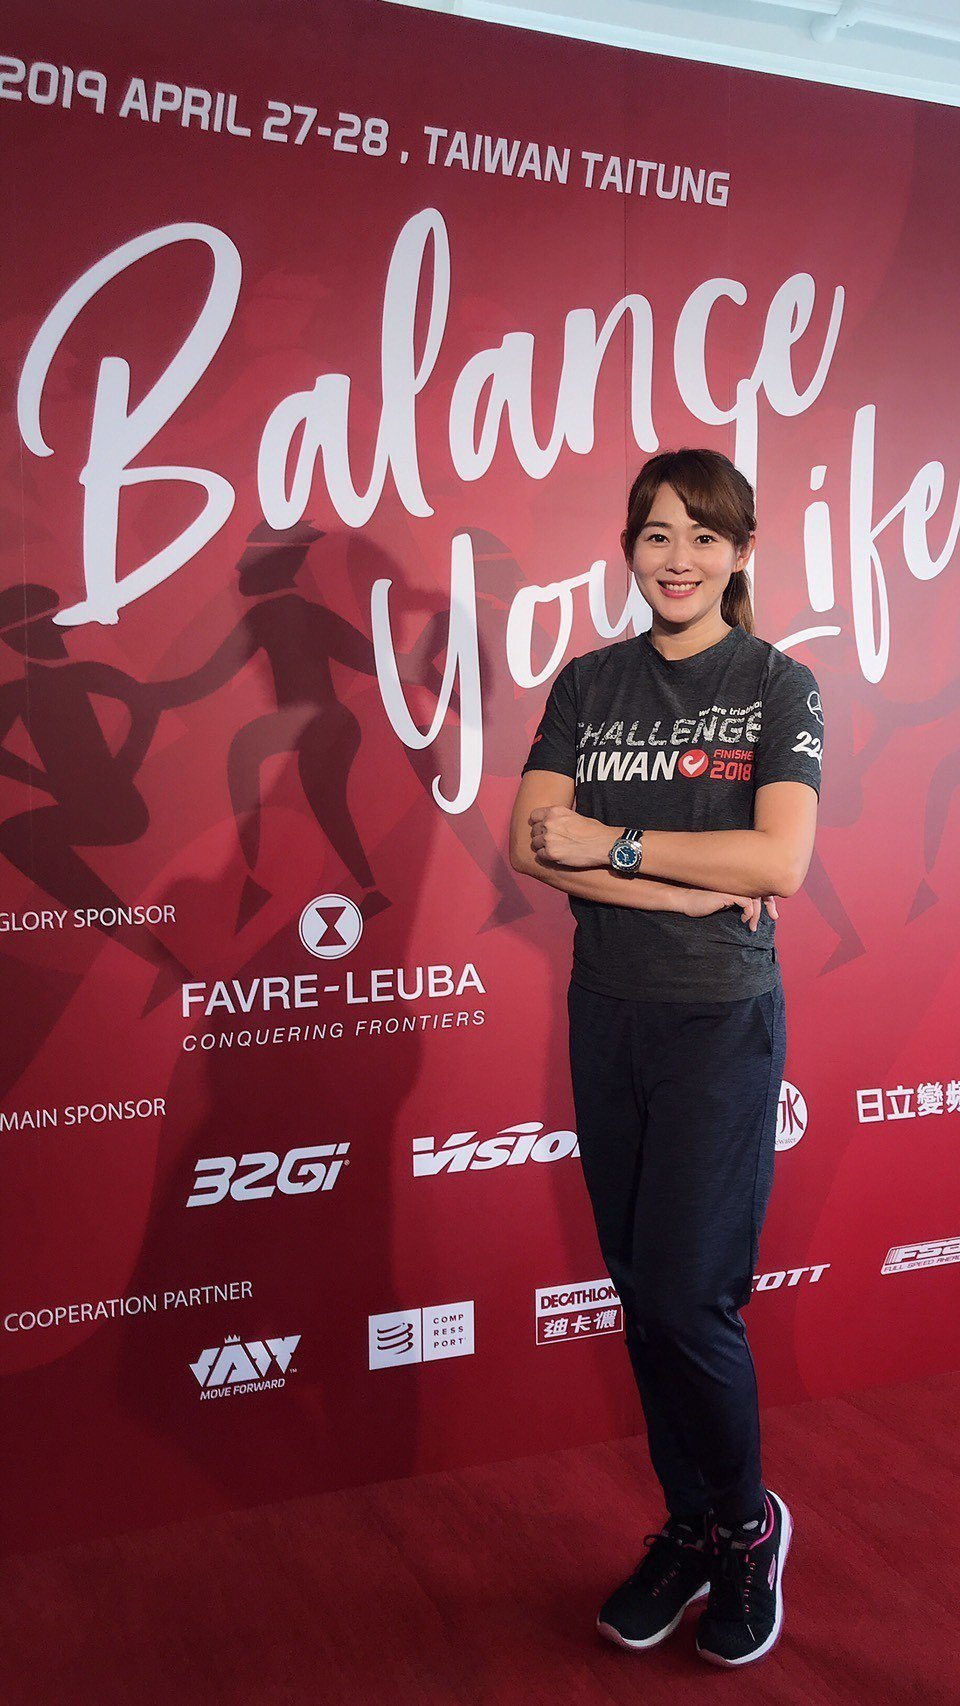 品牌大使魏華萱配戴了Favre-Leuba腕表,並宣示將出賽今年的Challen...